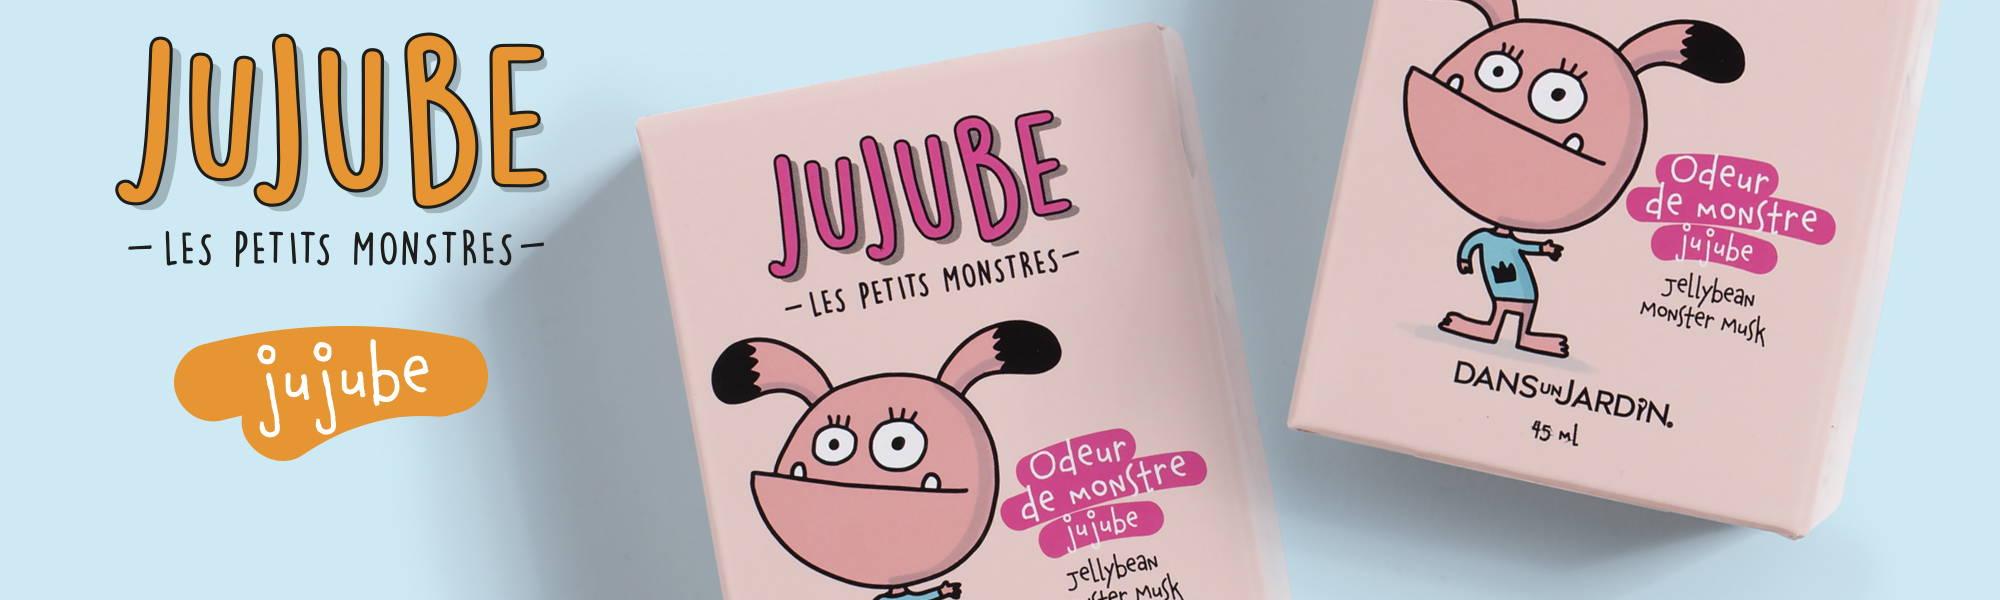 Image de la gamme Jujube de la collection Jujube les petits monstres Dans un Jardin